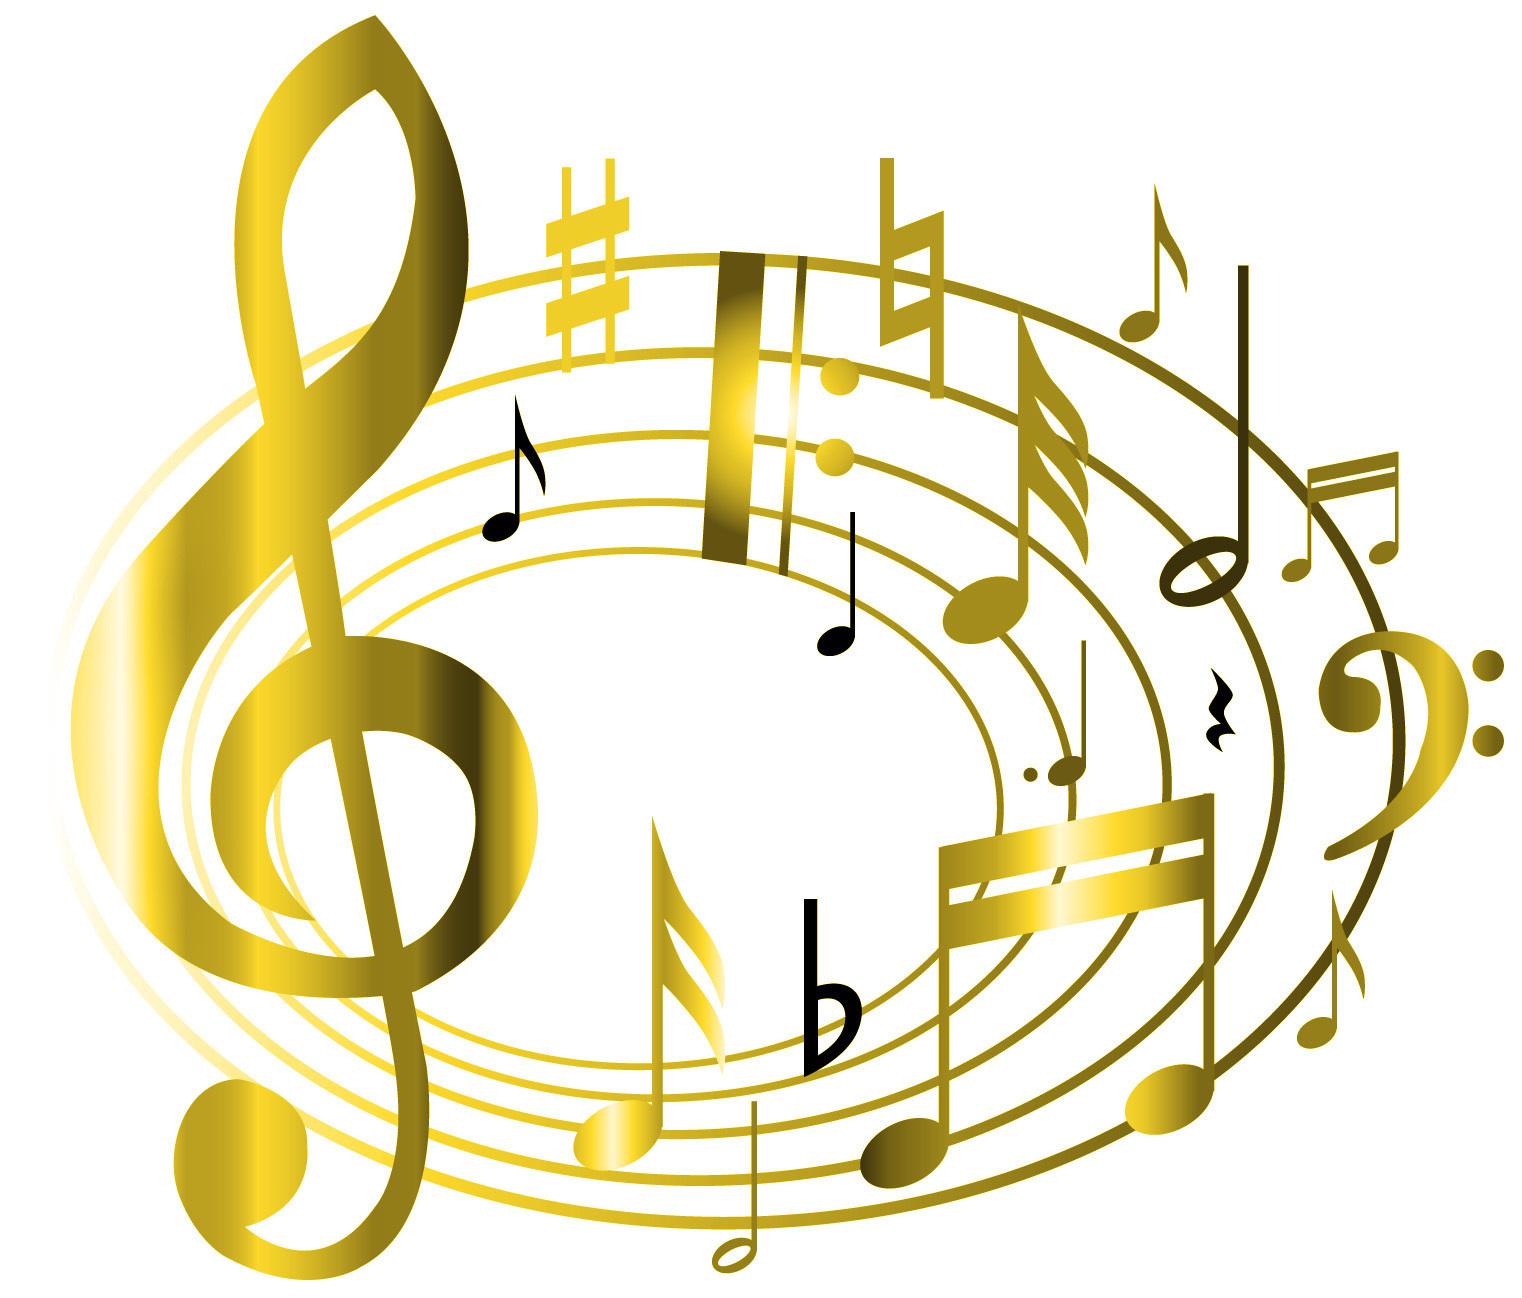 концерт картинки скрипичный ключ с нотами дна